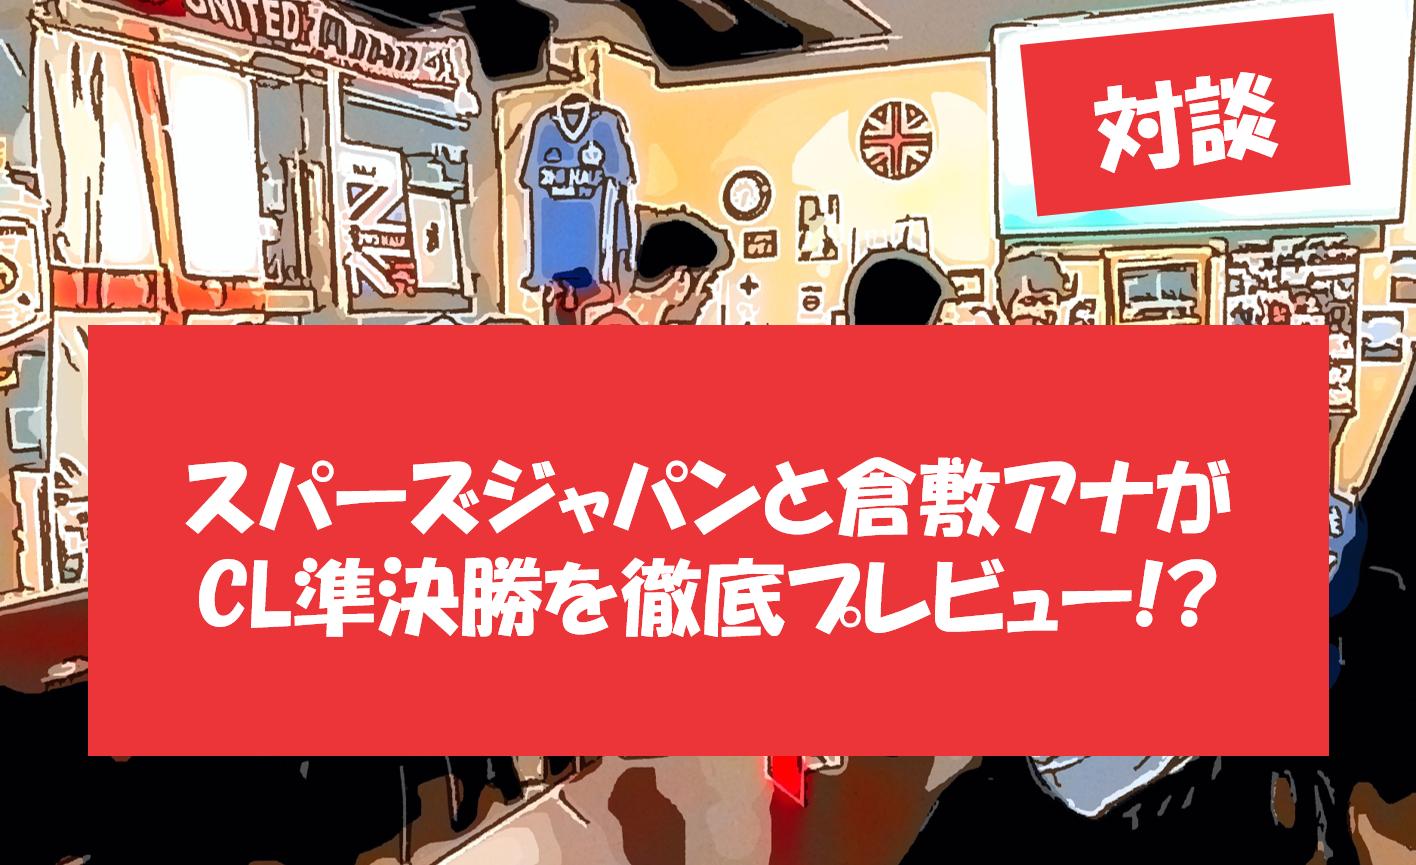 ジャパン スパーズ